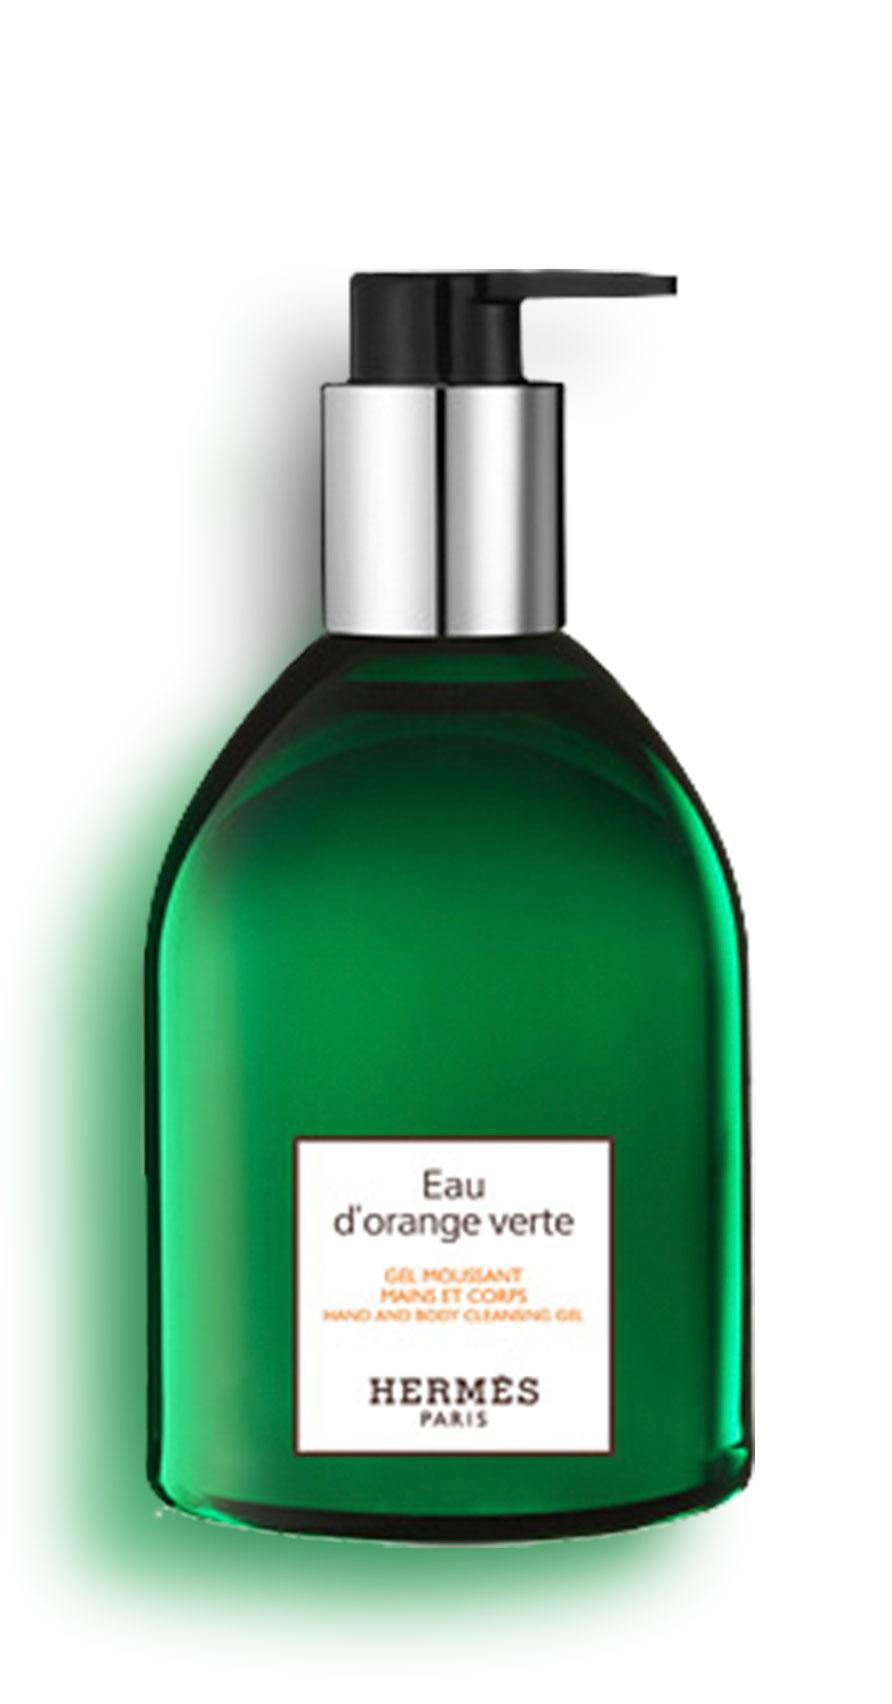 Hermès - Eau d'orange verte - Gel moussant mains et corps 300 ml